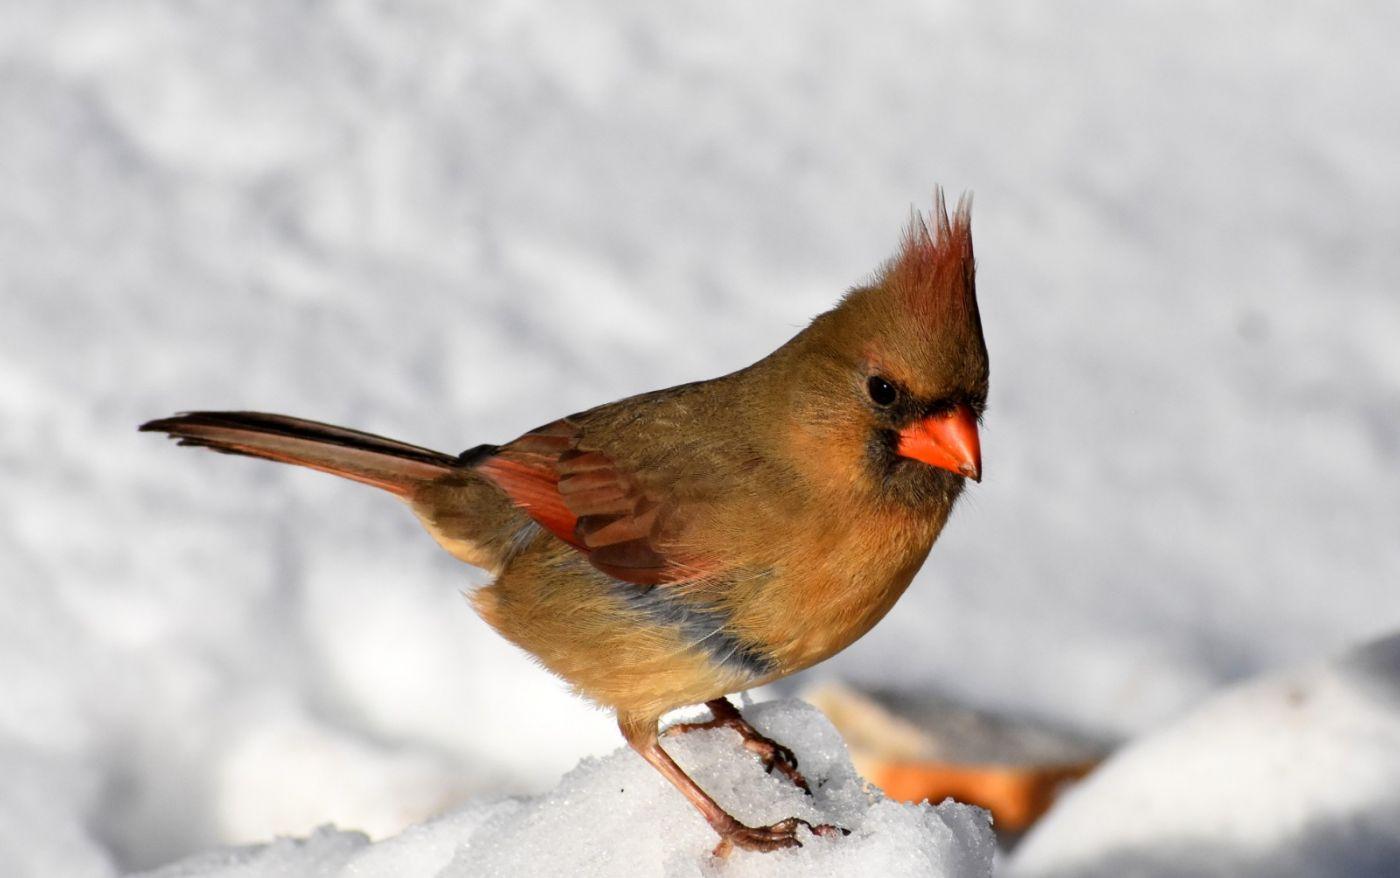 雪后鸟儿忙觅食_图1-1